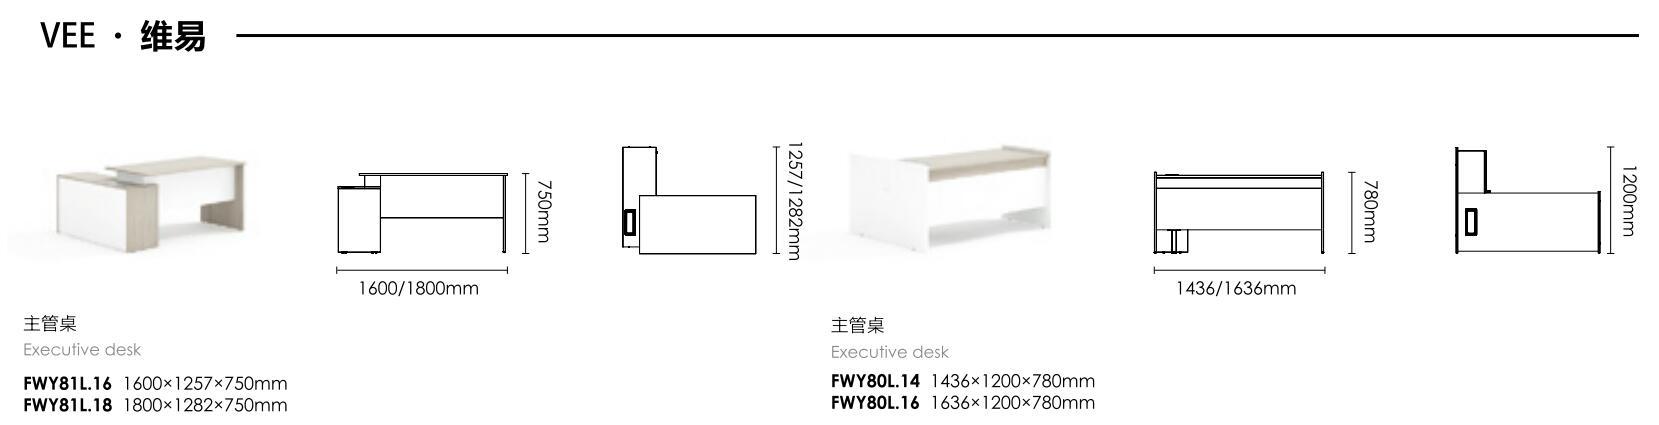 维易系列FWY11主管友博国际棋牌尺寸图